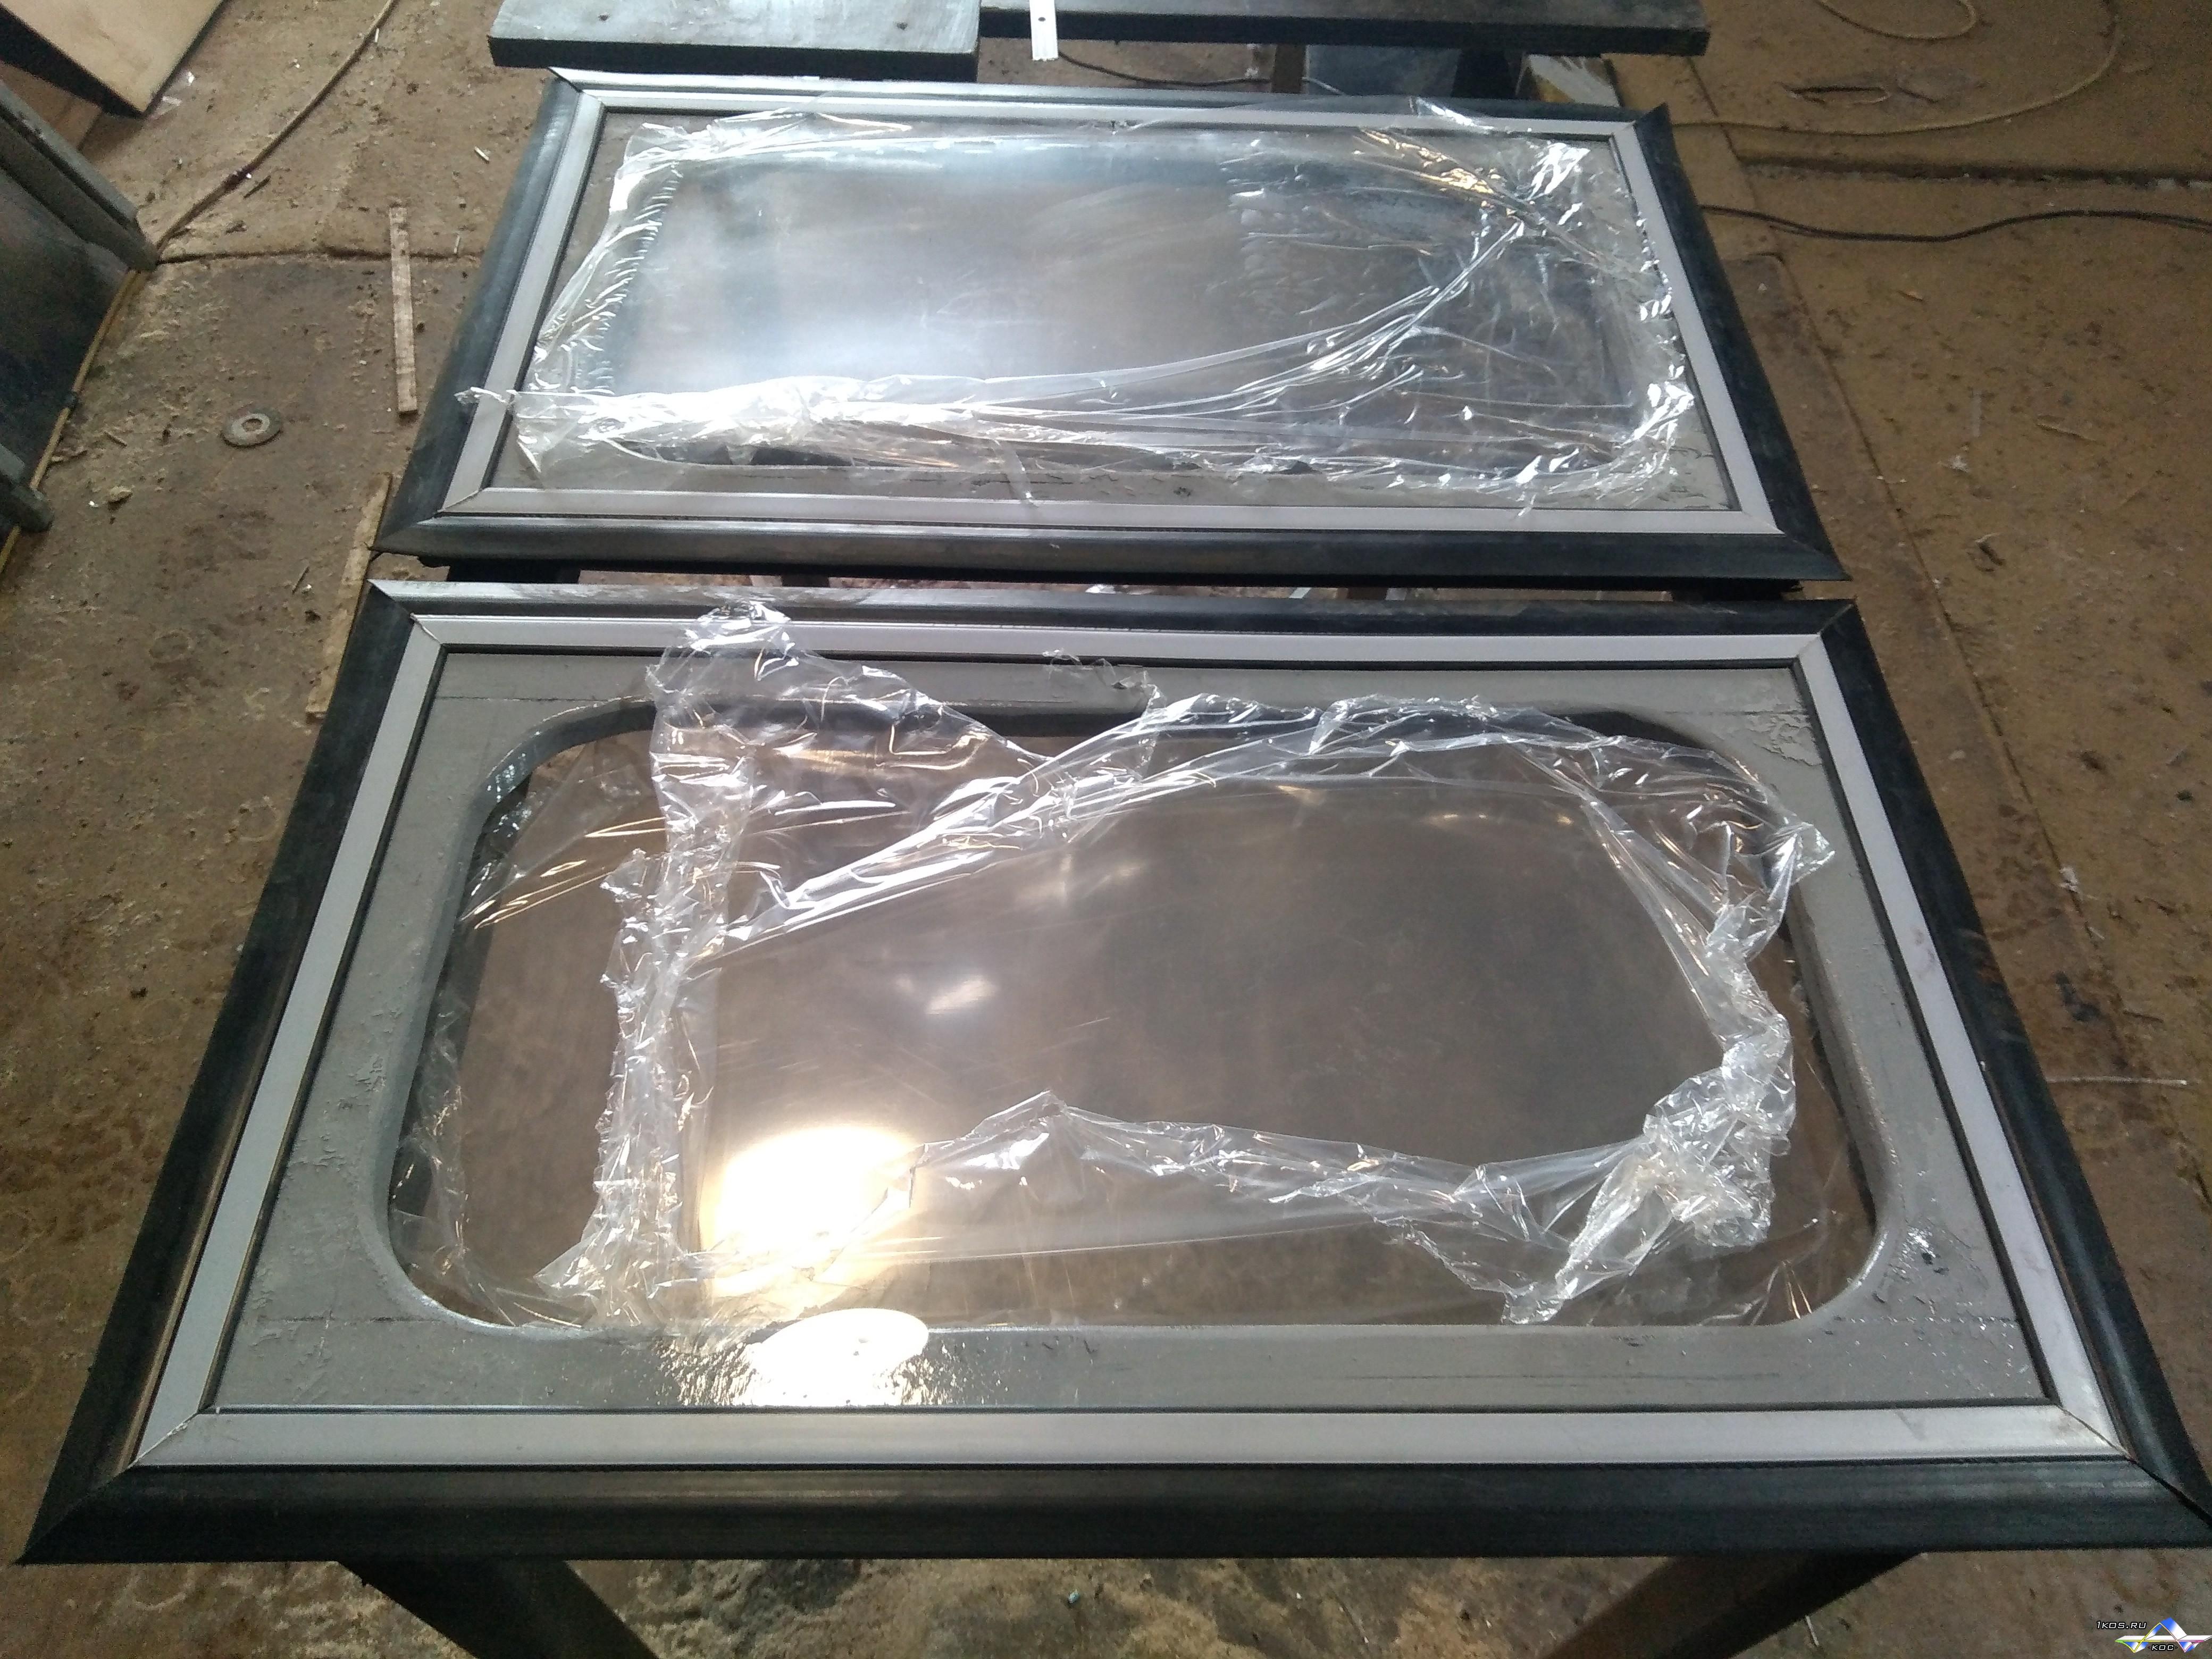 Окна для кемперов любых размеров, двойного остекления, открывающиеся, прочные, лёгкие, травмобезопасные,